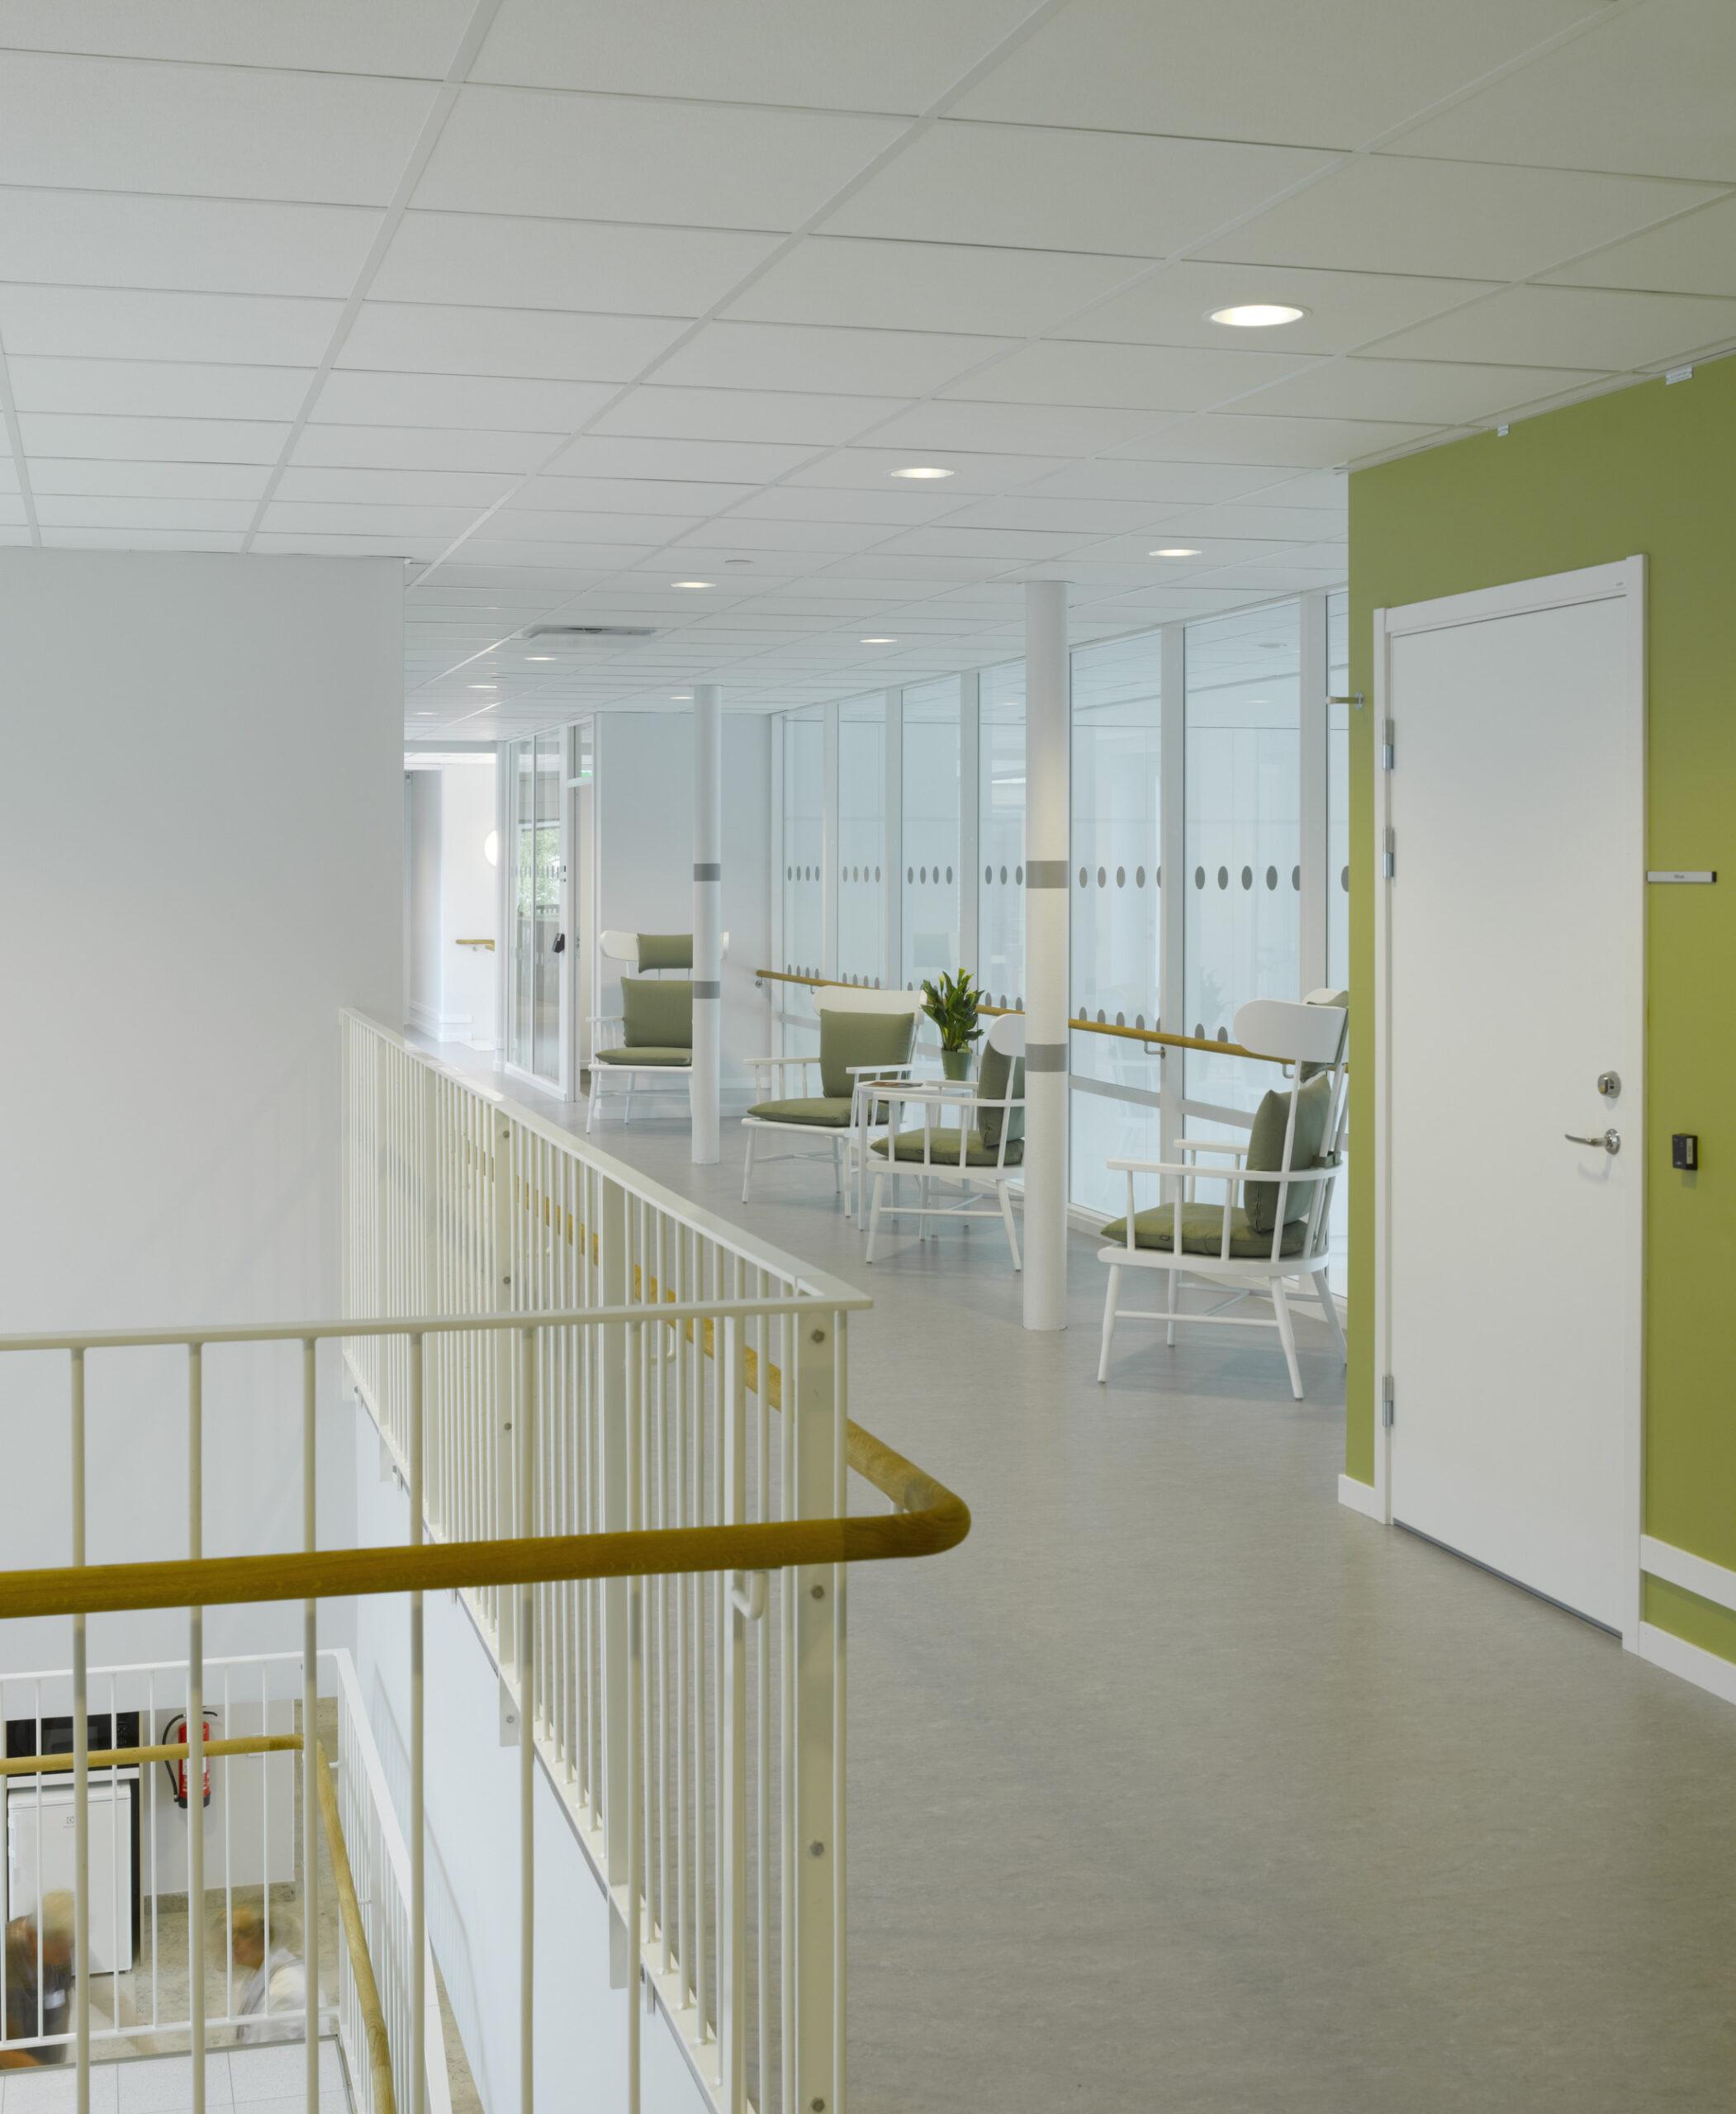 Sittplatser med fin överblick över lokalerna i Råsvägens vård- och omsorgsboende